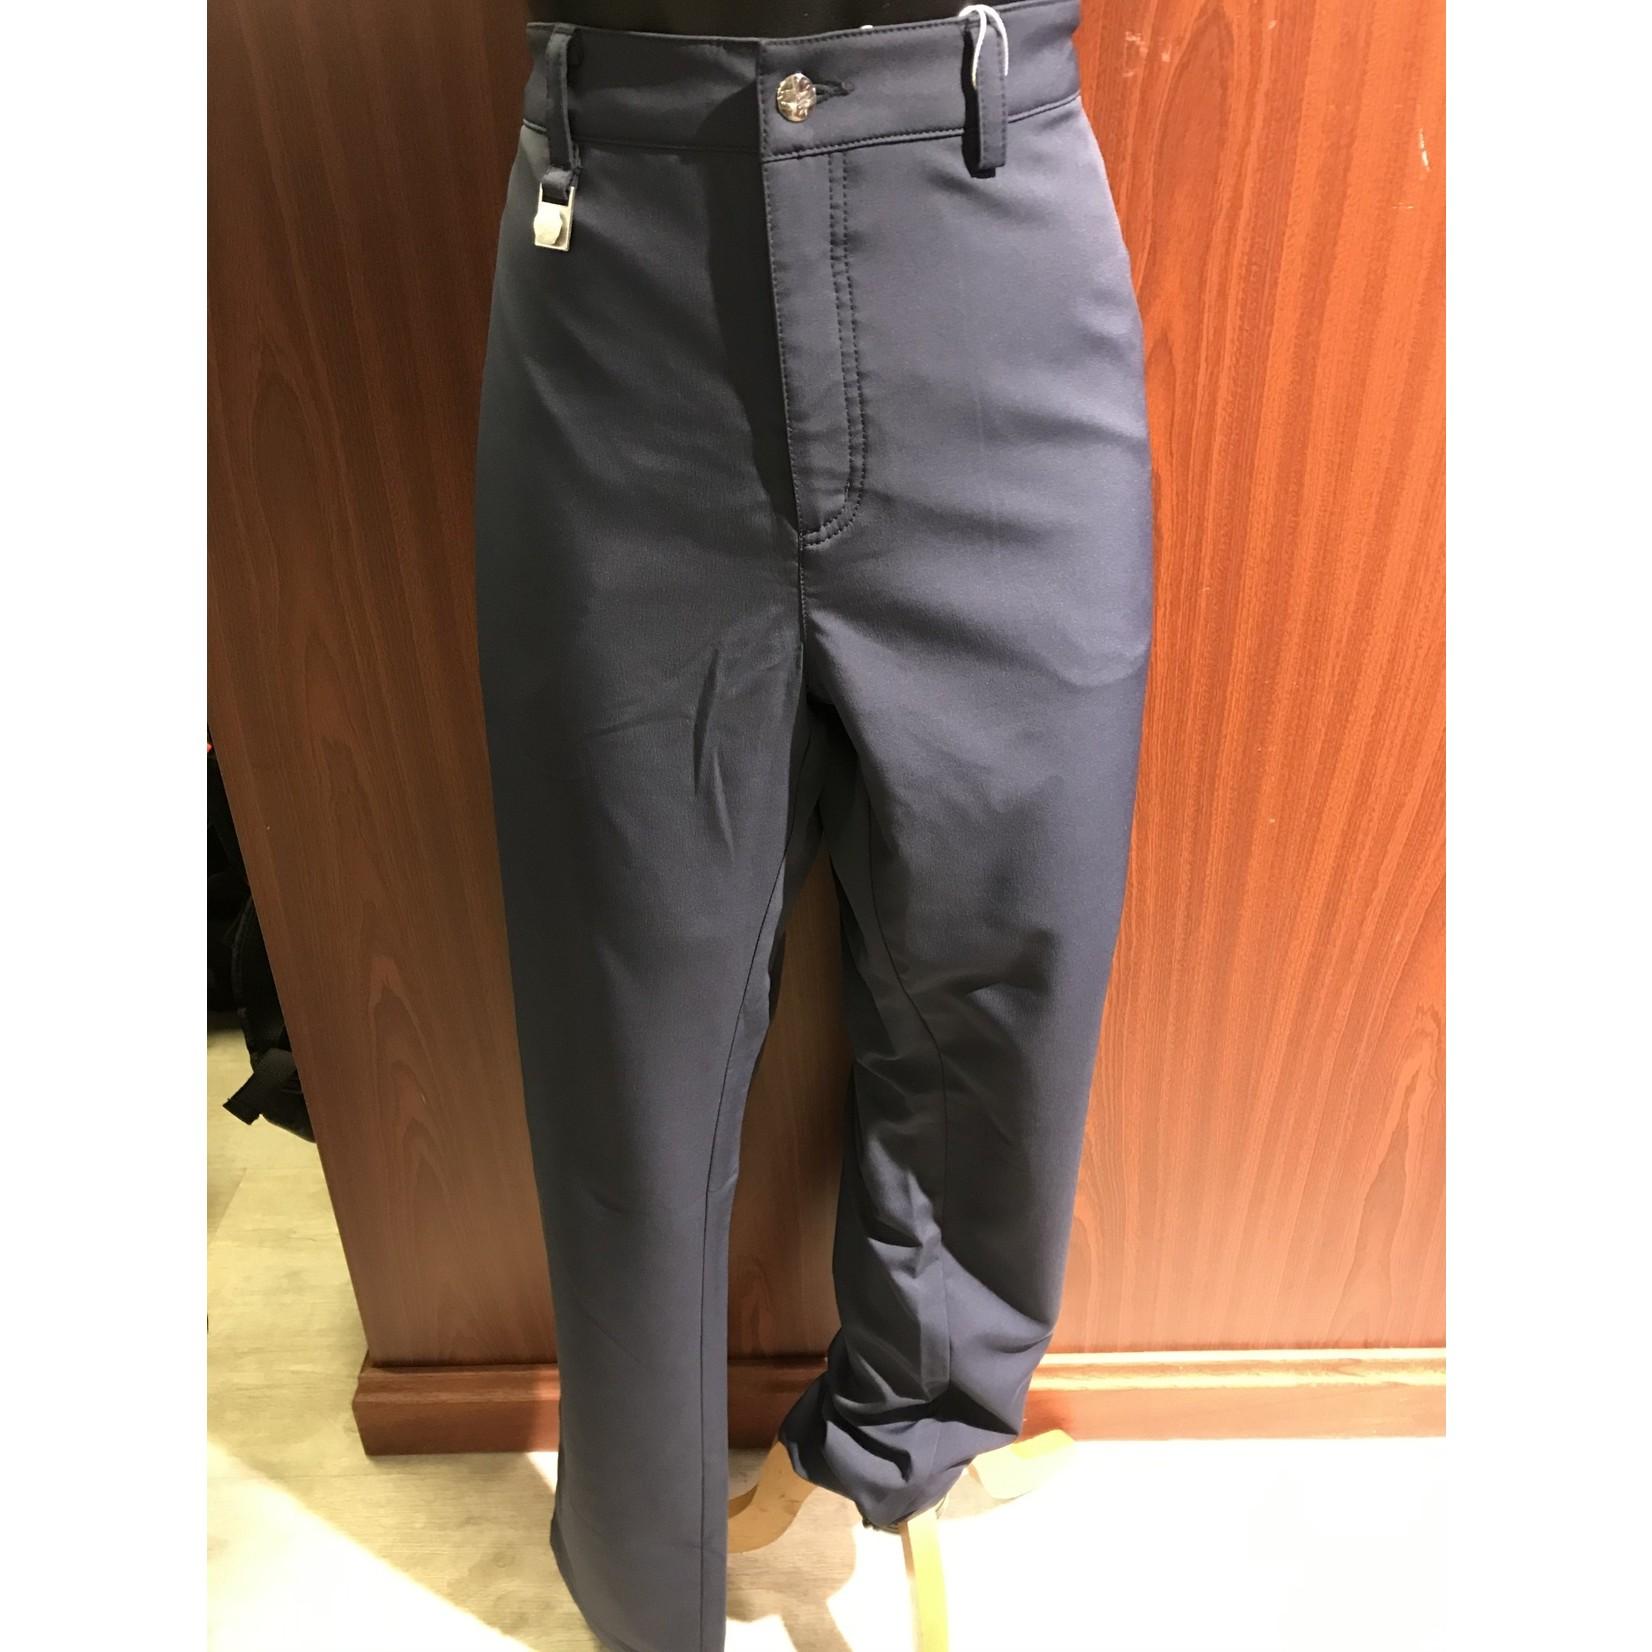 Rohnisch Rohnisch Break Pants blue 48